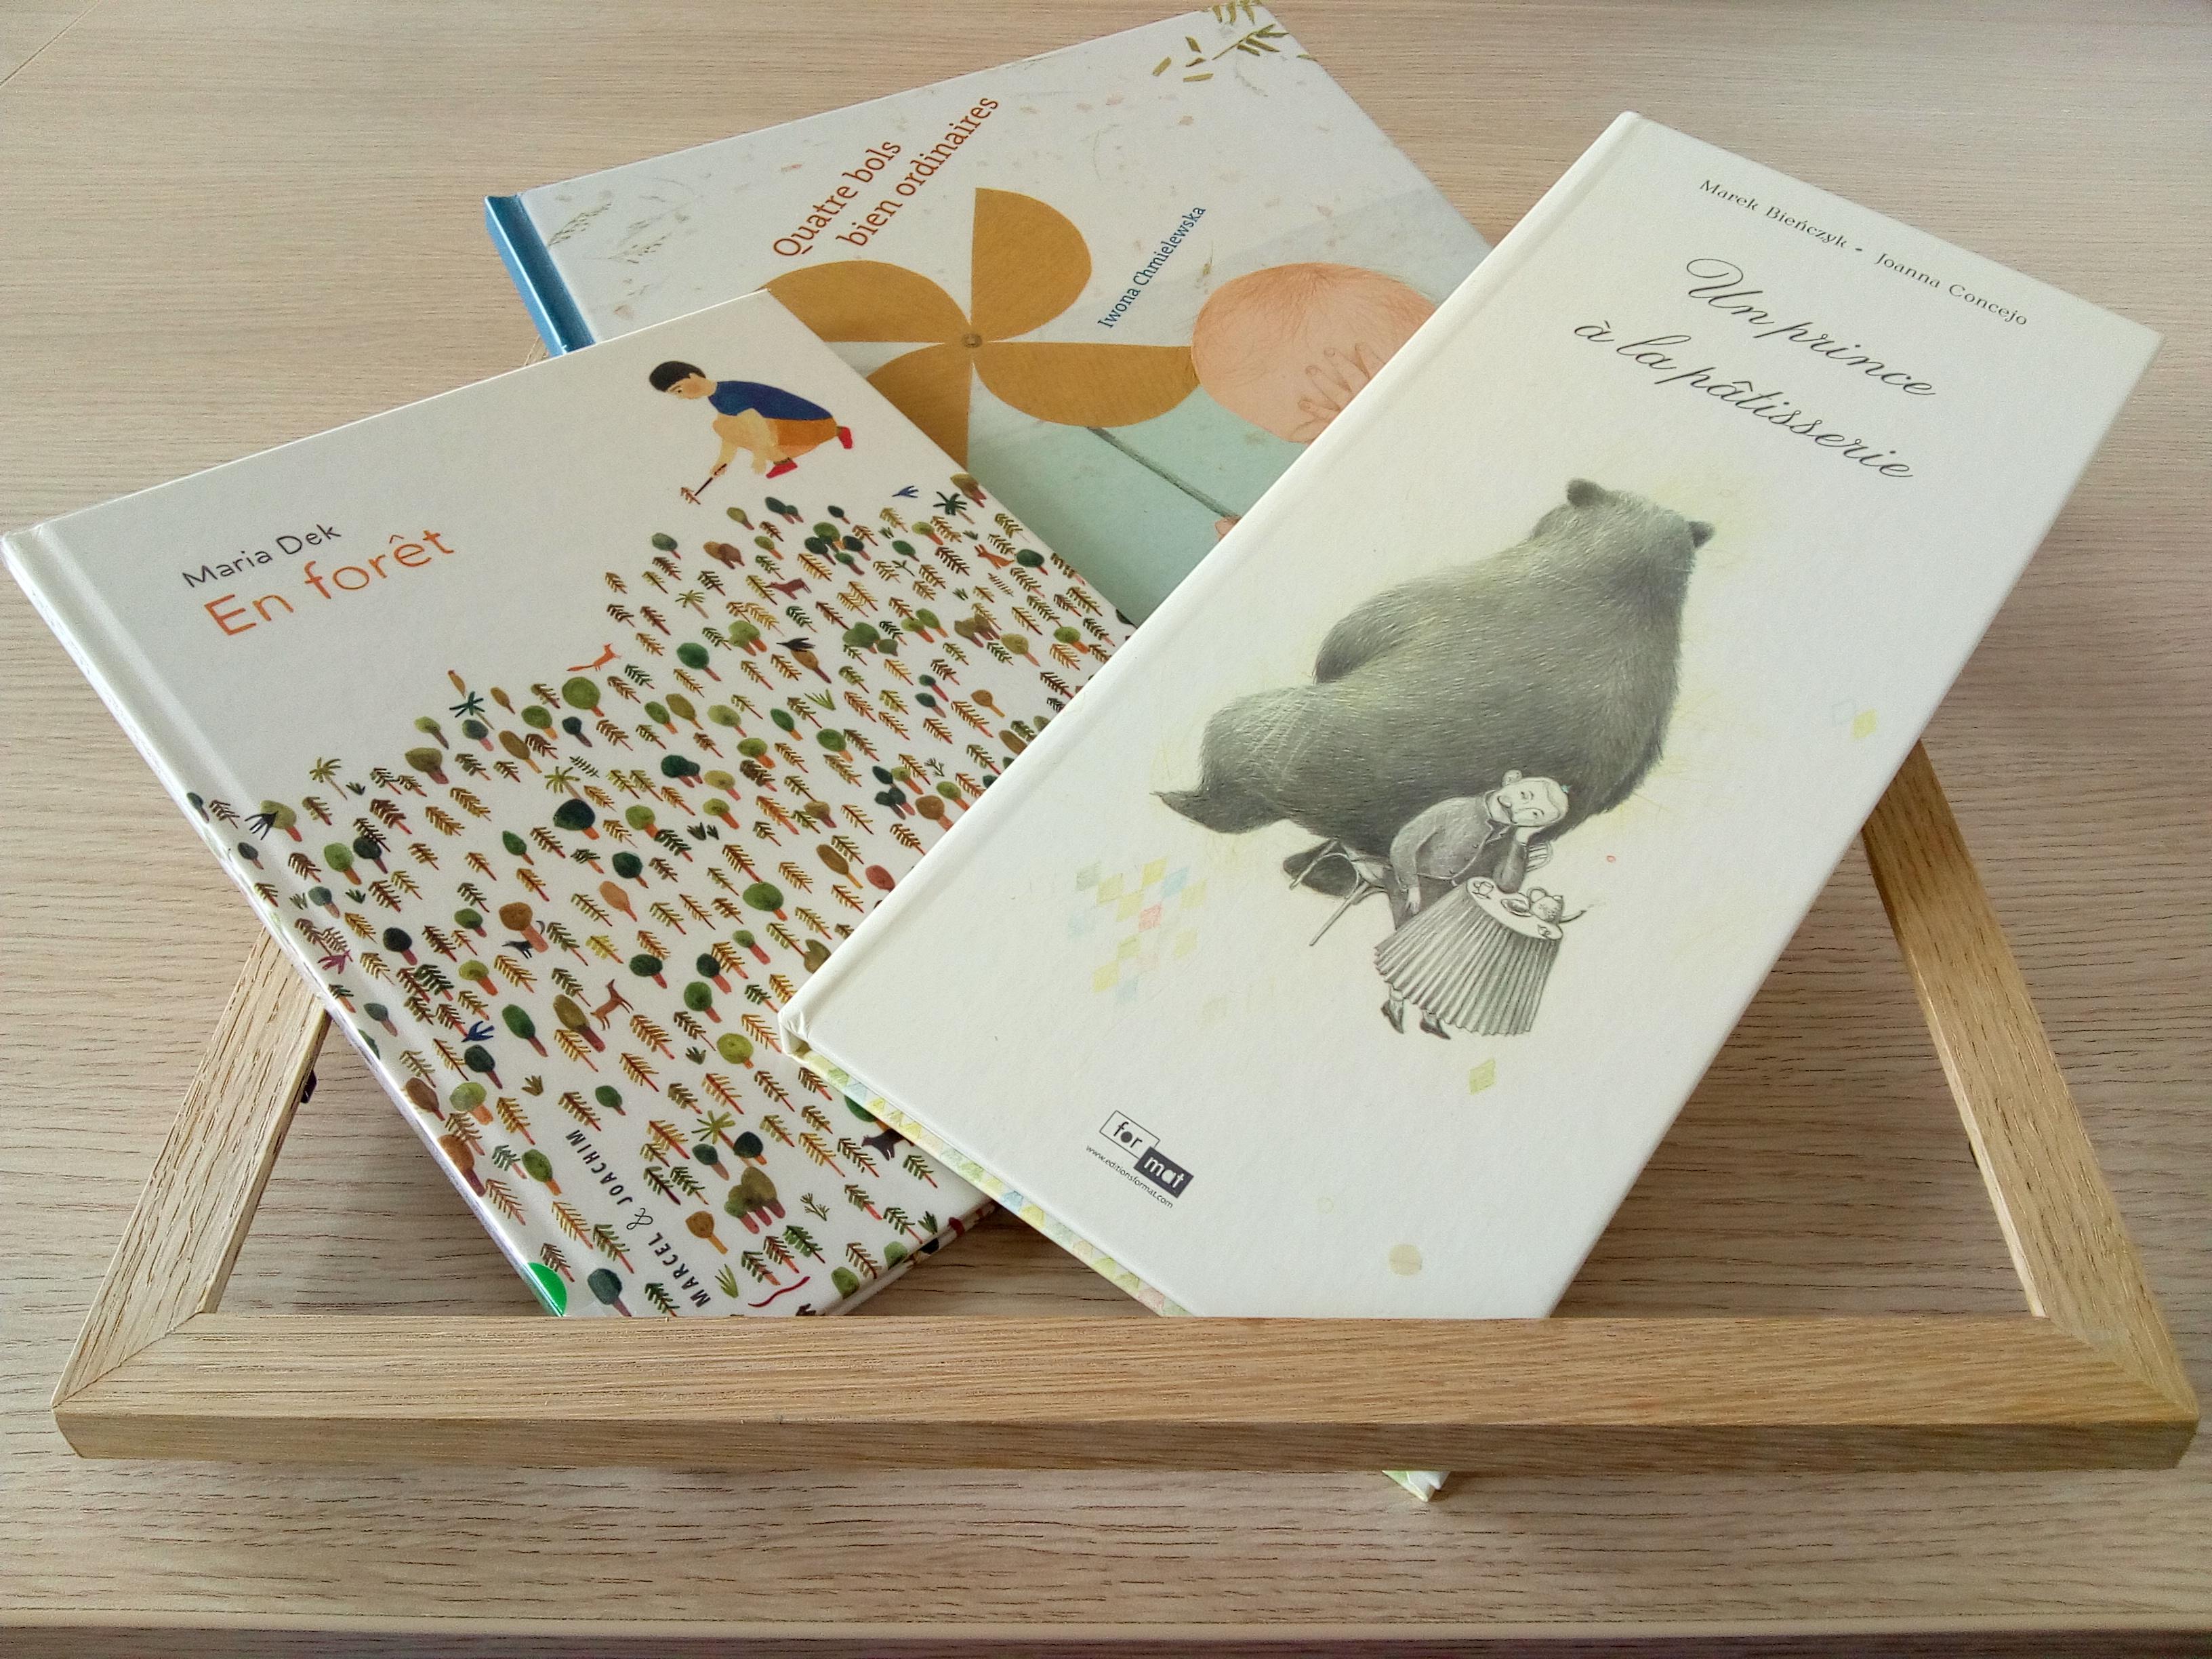 Un après-midi pour explorer le graphisme polonais dans les albums pour enfants |